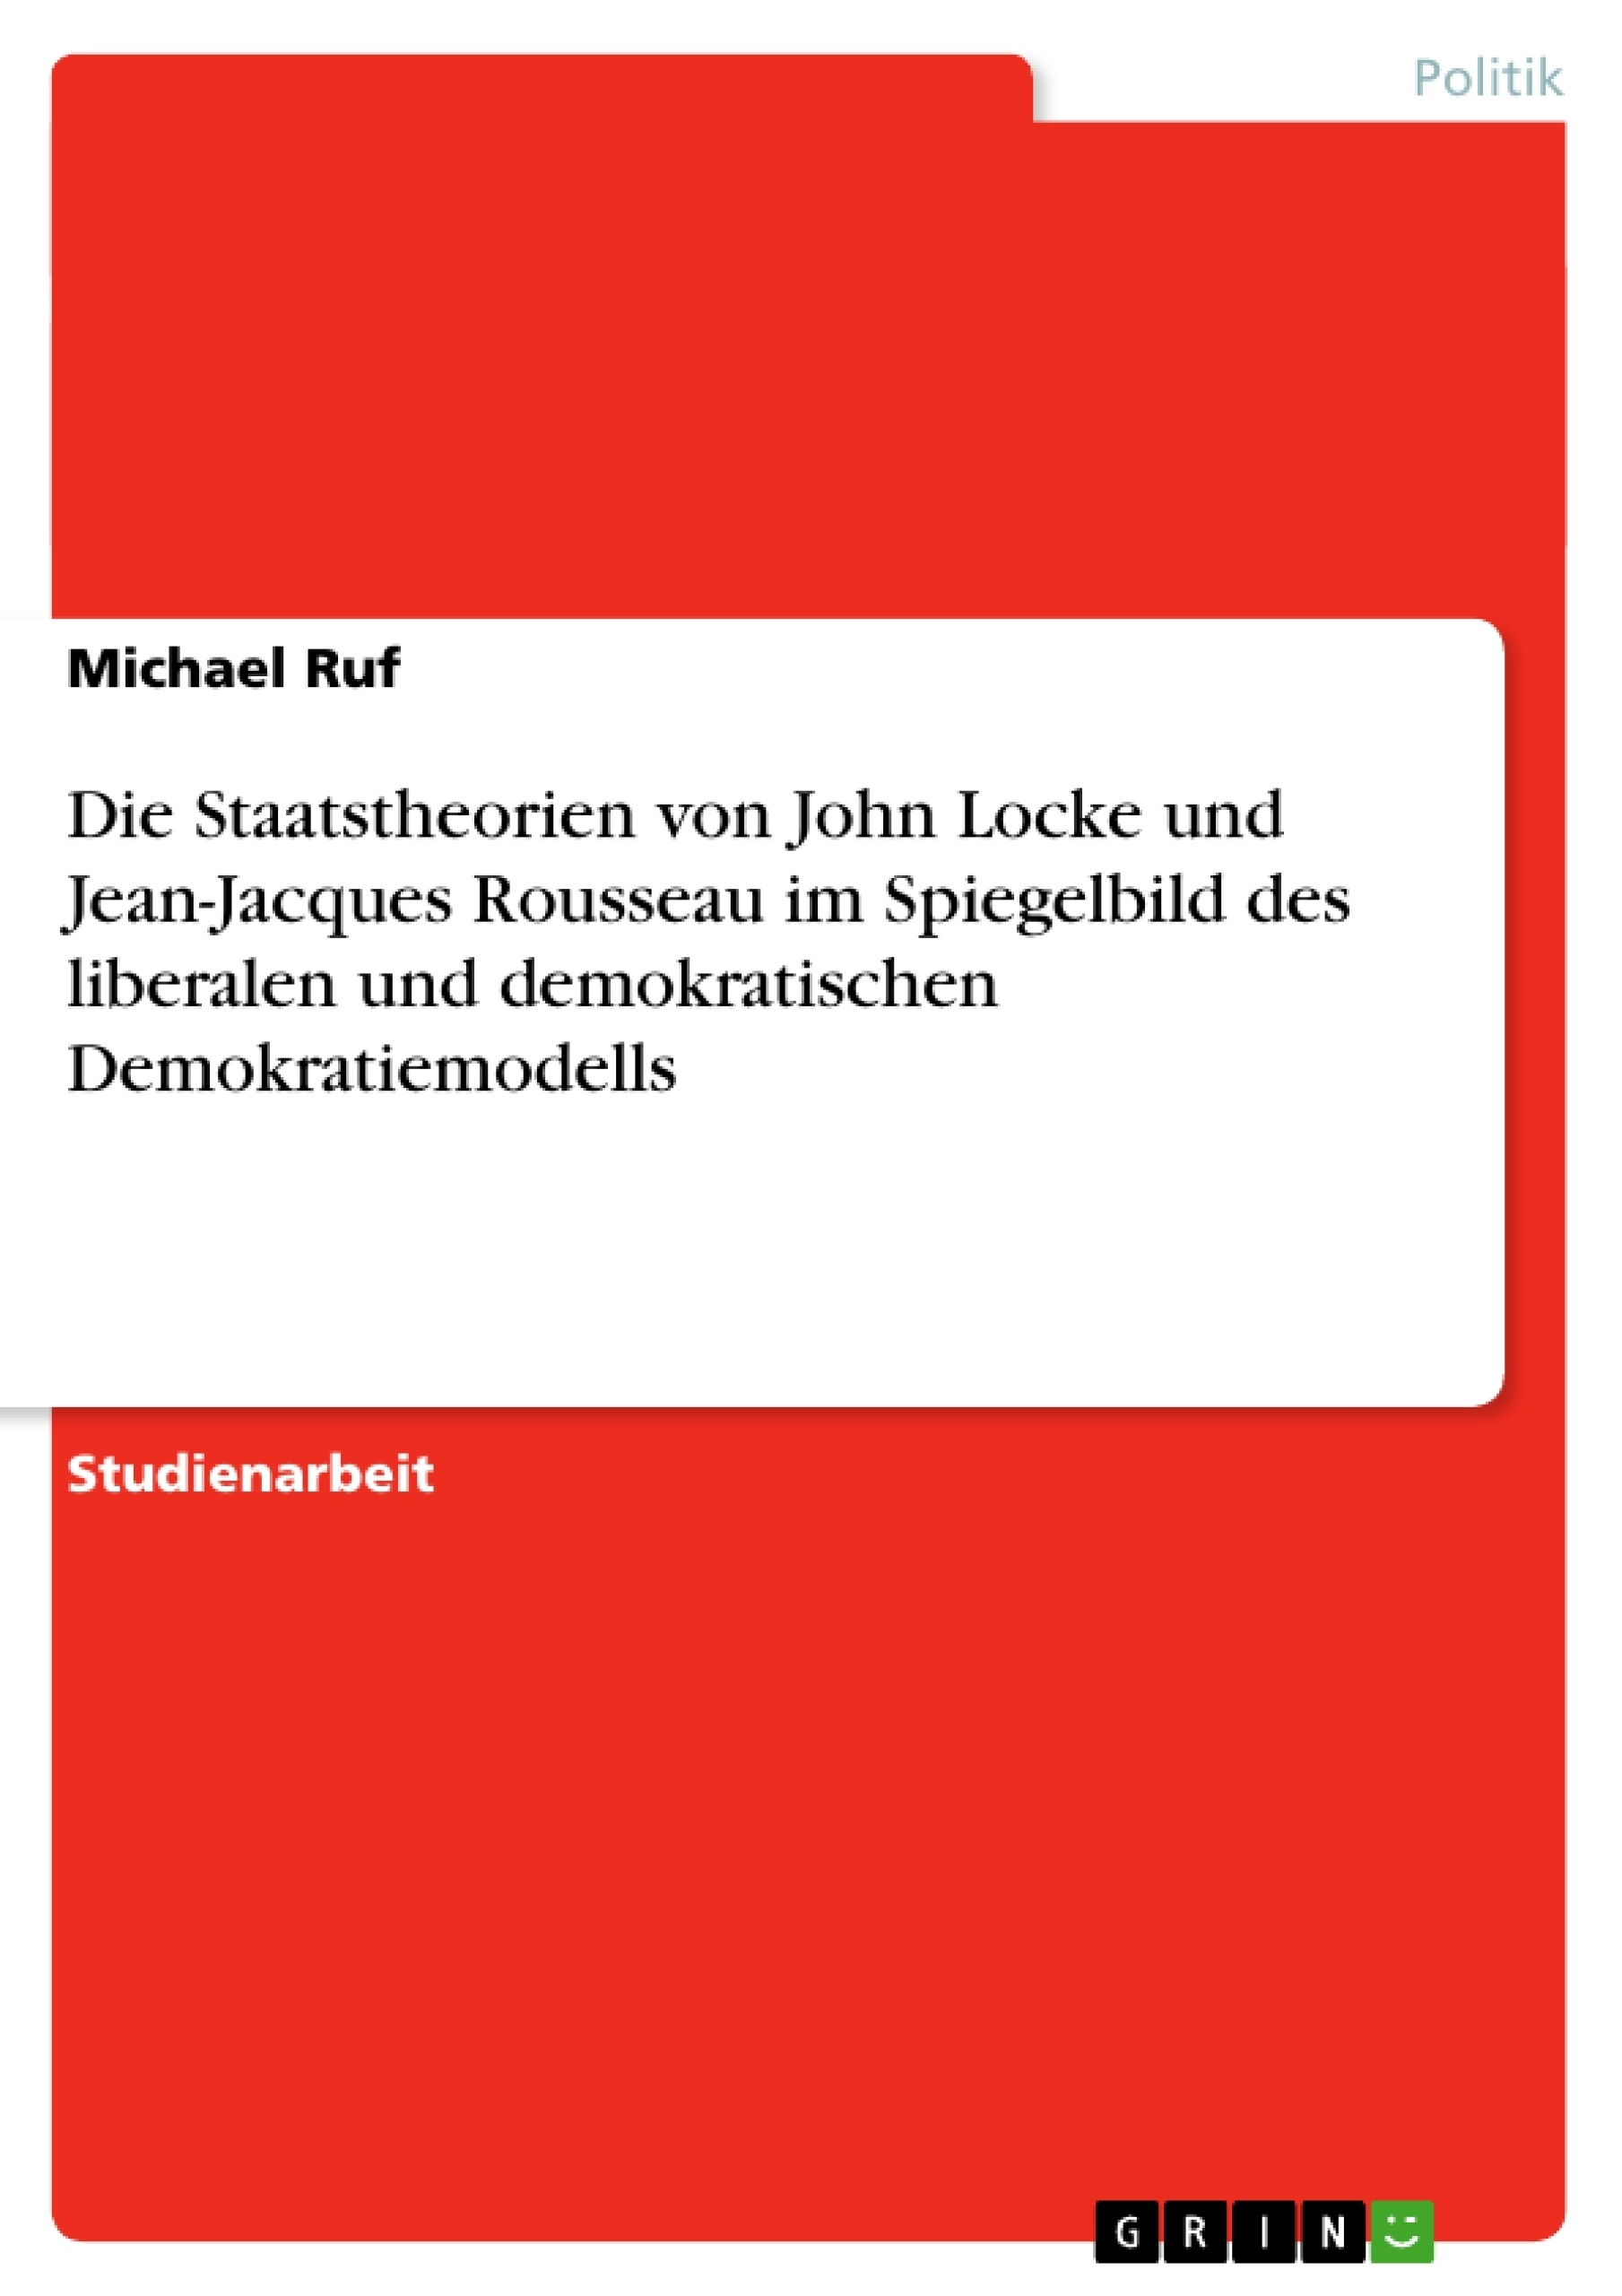 Titel: Die Staatstheorien von John Locke und Jean-Jacques Rousseau im Spiegelbild des liberalen und demokratischen Demokratiemodells